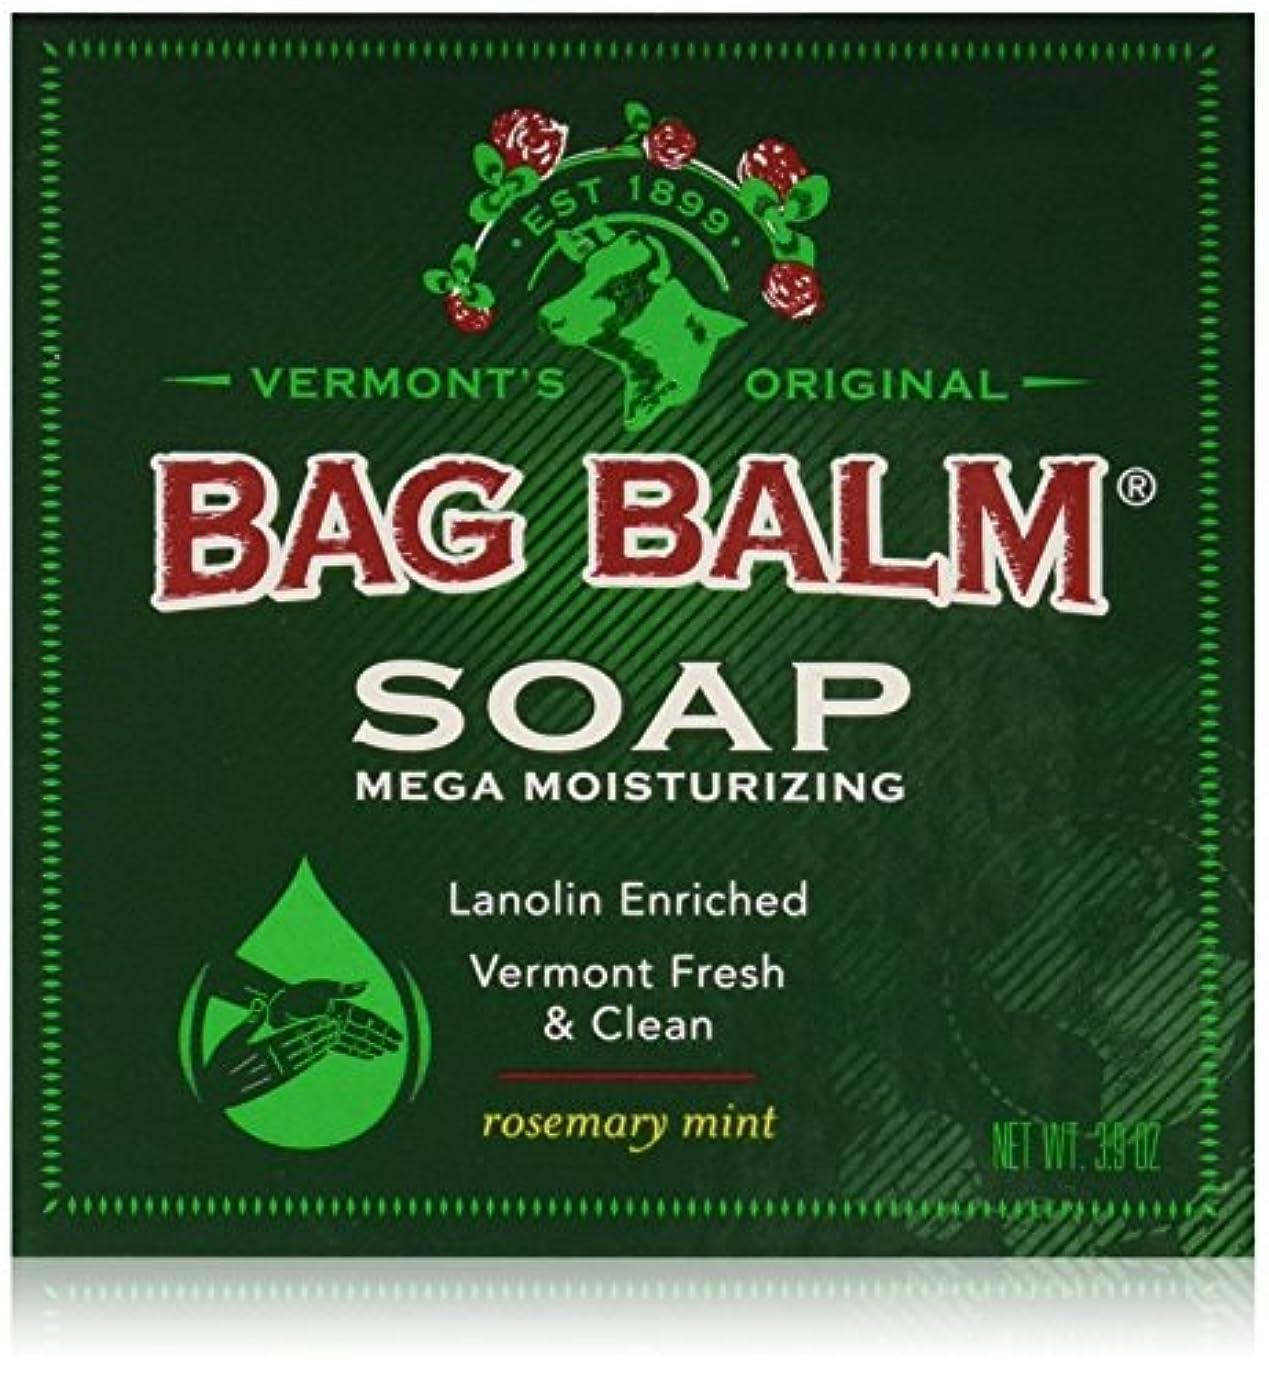 肥沃な穀物サイレンバッグバームの新作 メガモイスチャライジングソープ 3.9オンス 乾燥したお肌にモイスチャライズ石鹸